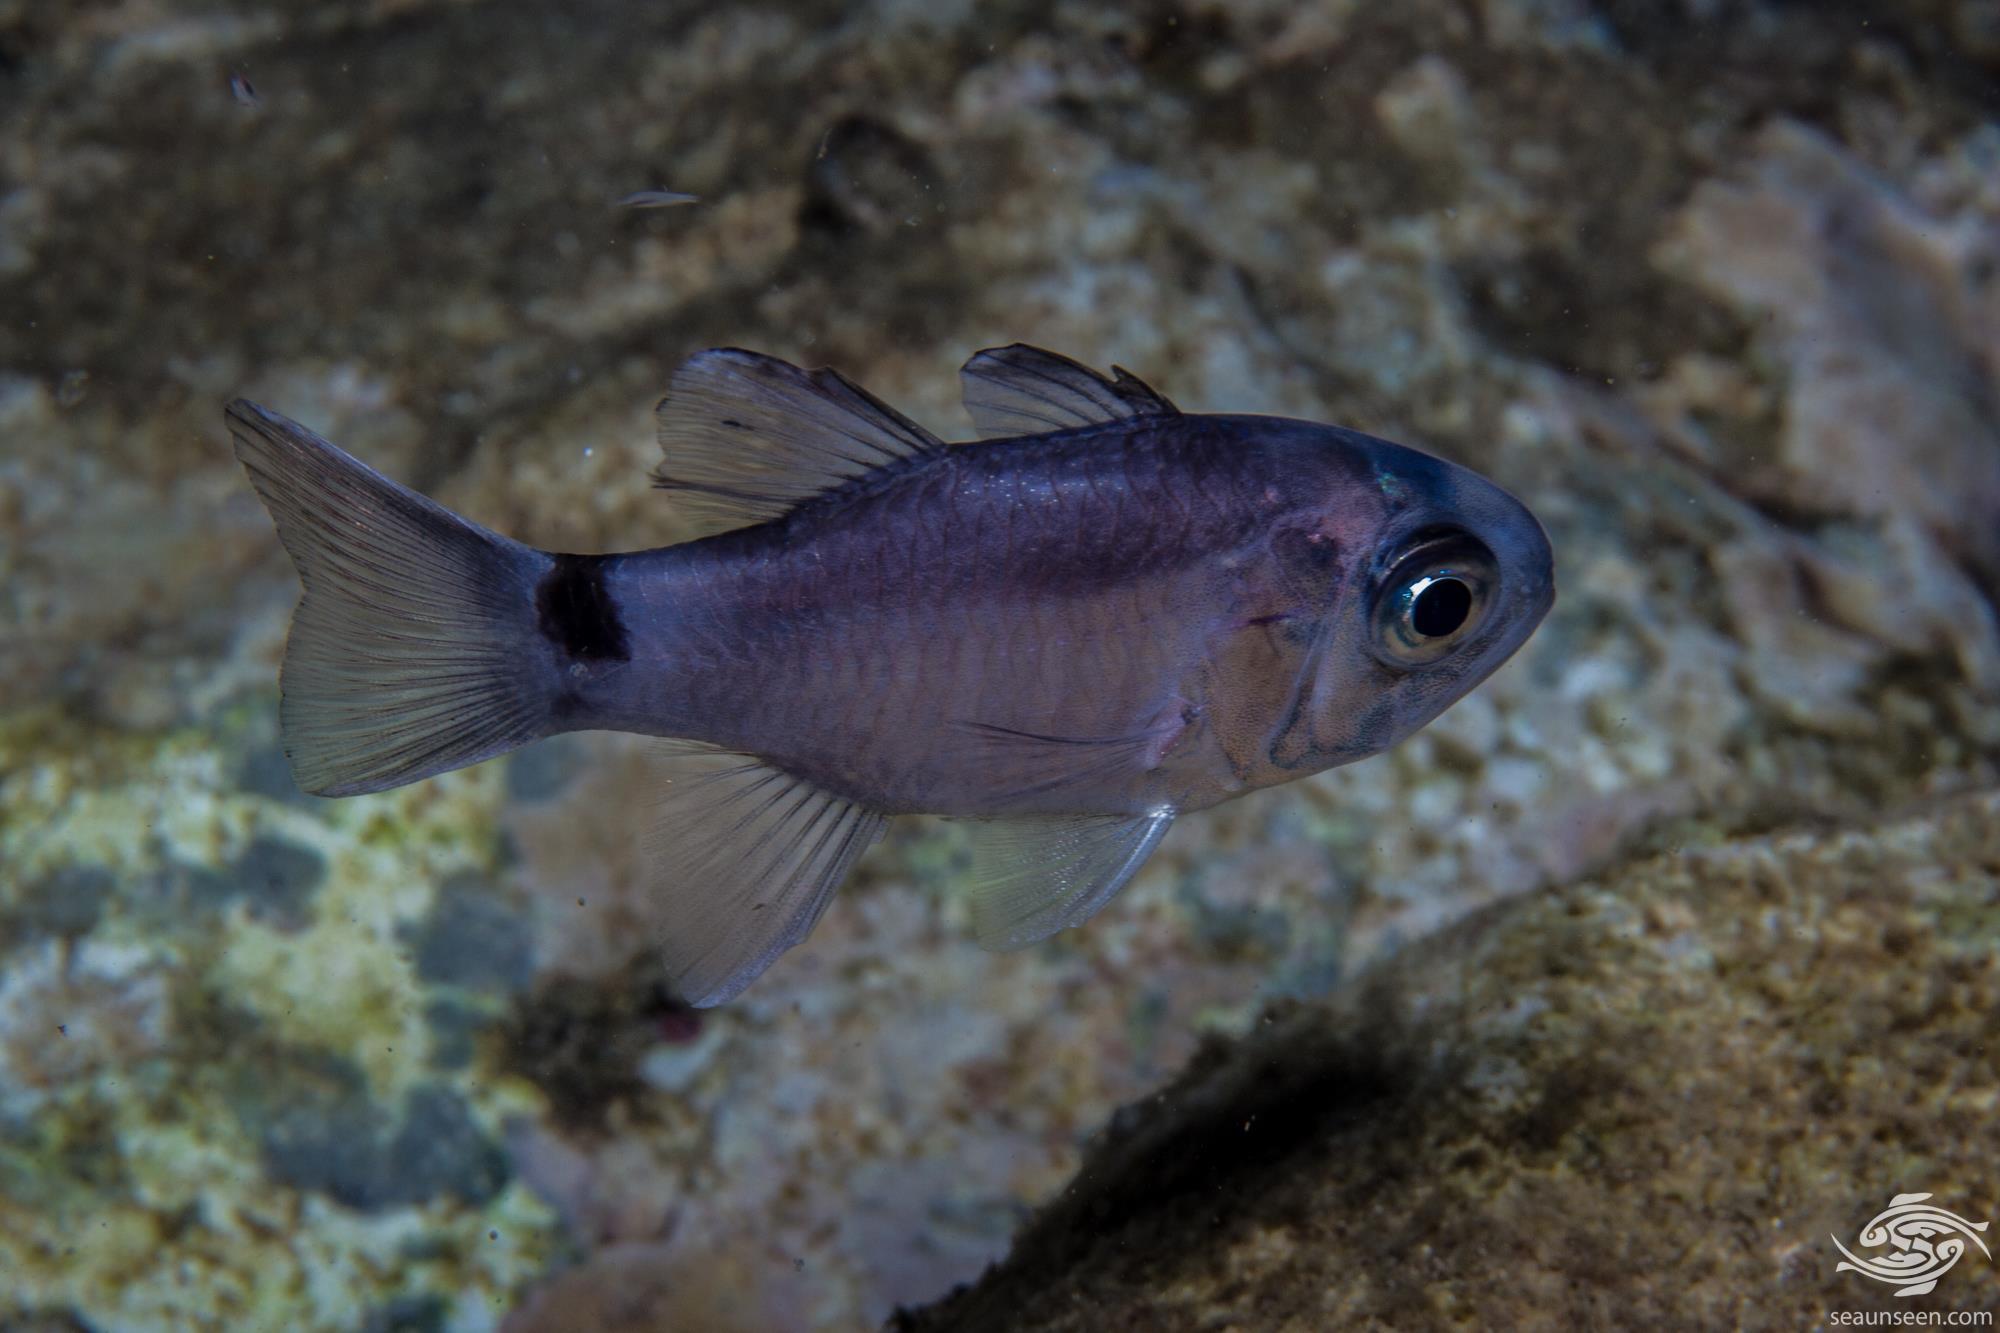 Samoan Cardinalfish Nectamia savayensis is also known as the Fo Cardinalfish